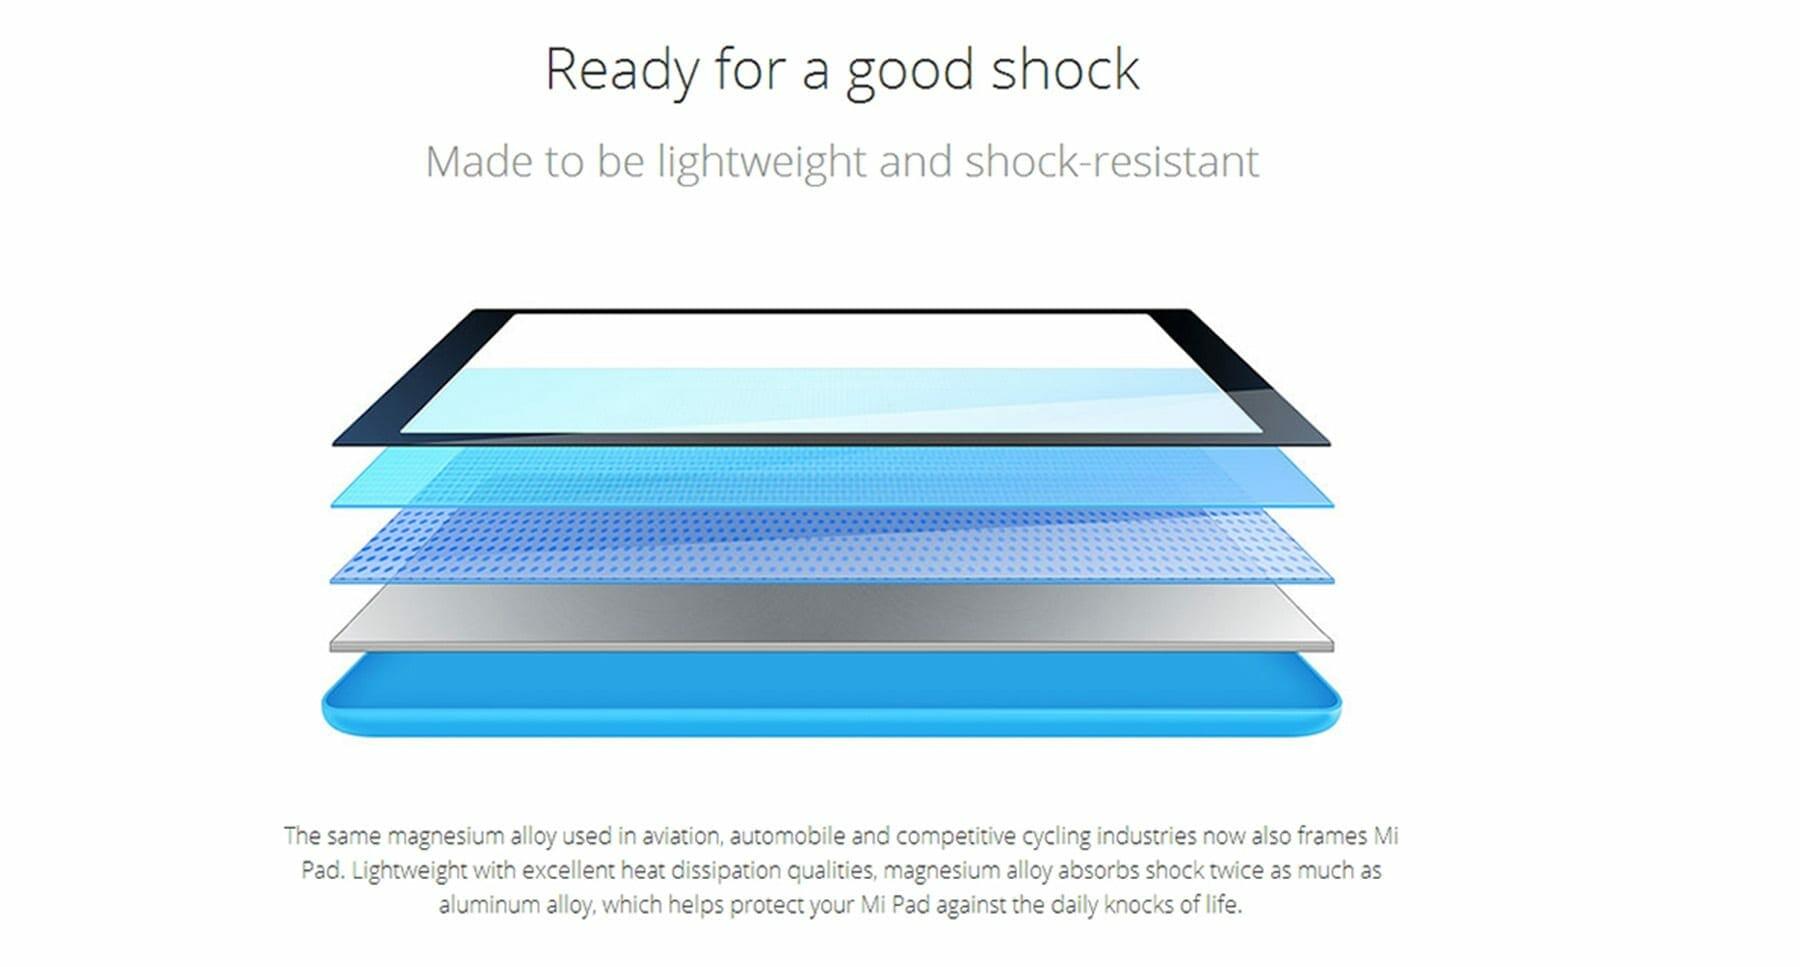 XiaoMi Mi Pad Shock - XiaoMi Mi Pad 8MP Camera, 2GB Ram and 6700 mAh Battery